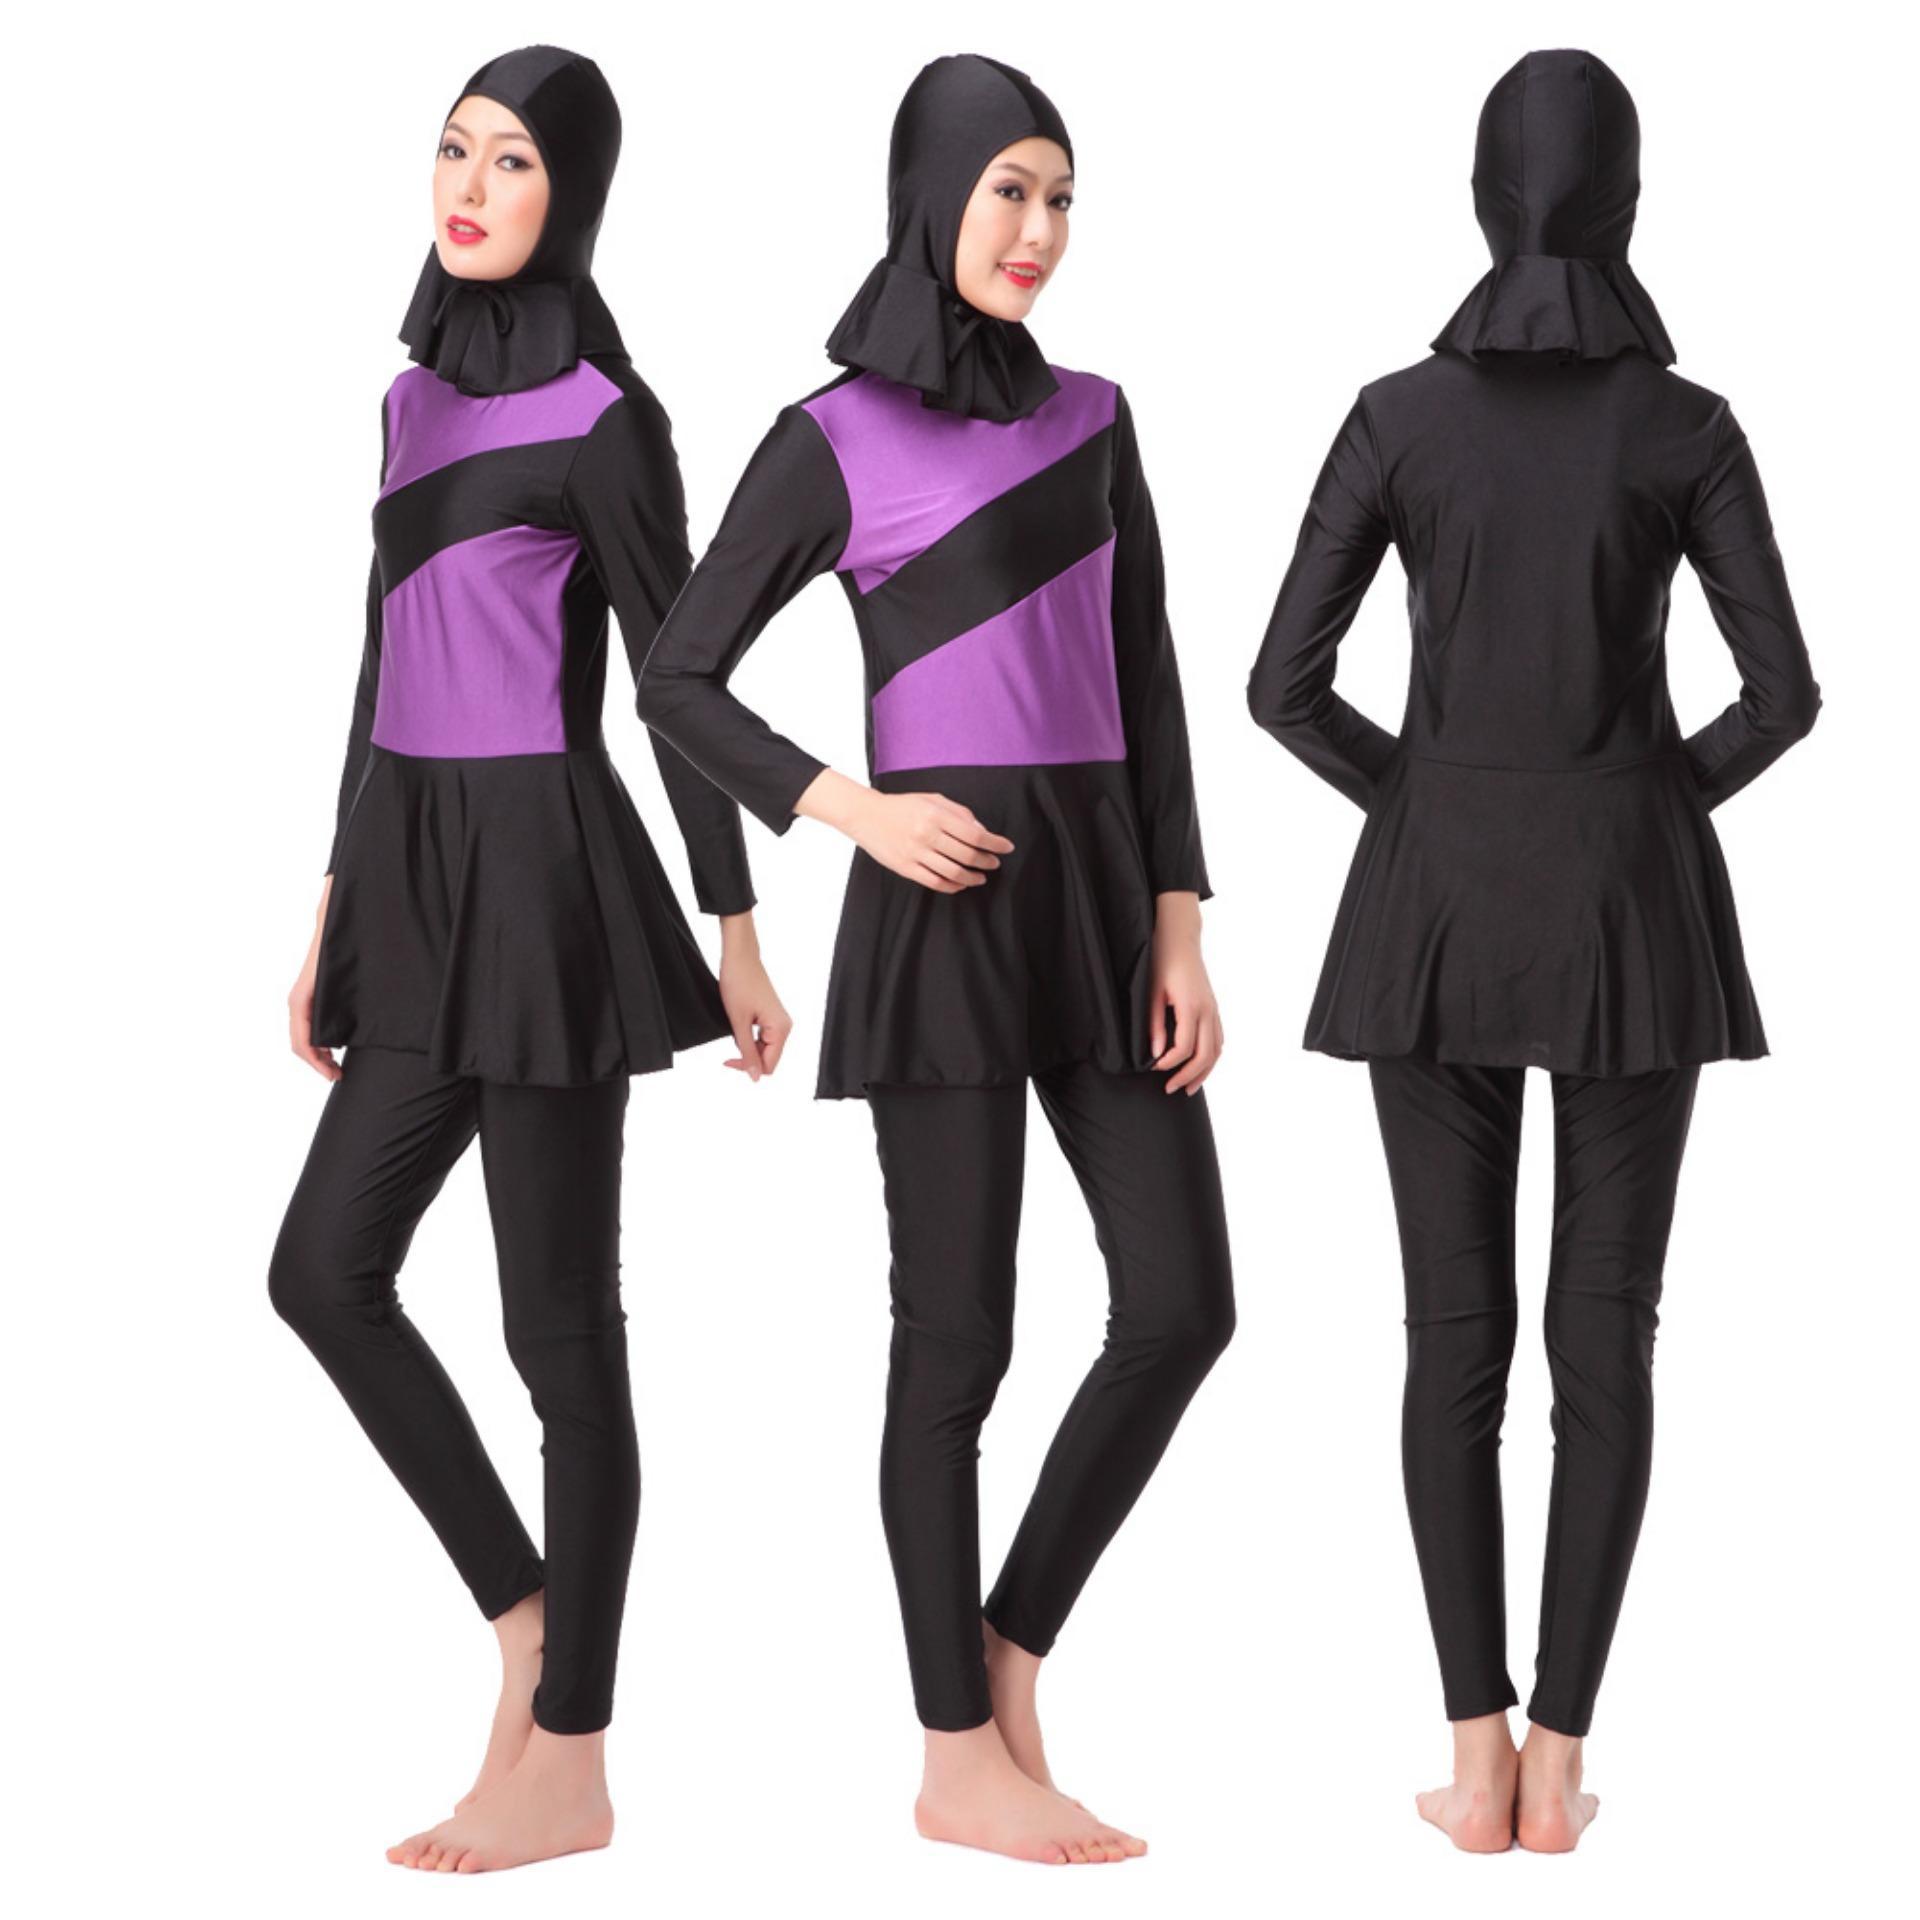 Baru Poliamida Lycra Cepat Kering Lembut Warna Muslim Wanita Swimwear Set dengan Jilbab untuk Berenang Sport Edora Baju Renang Muslim Dewasa